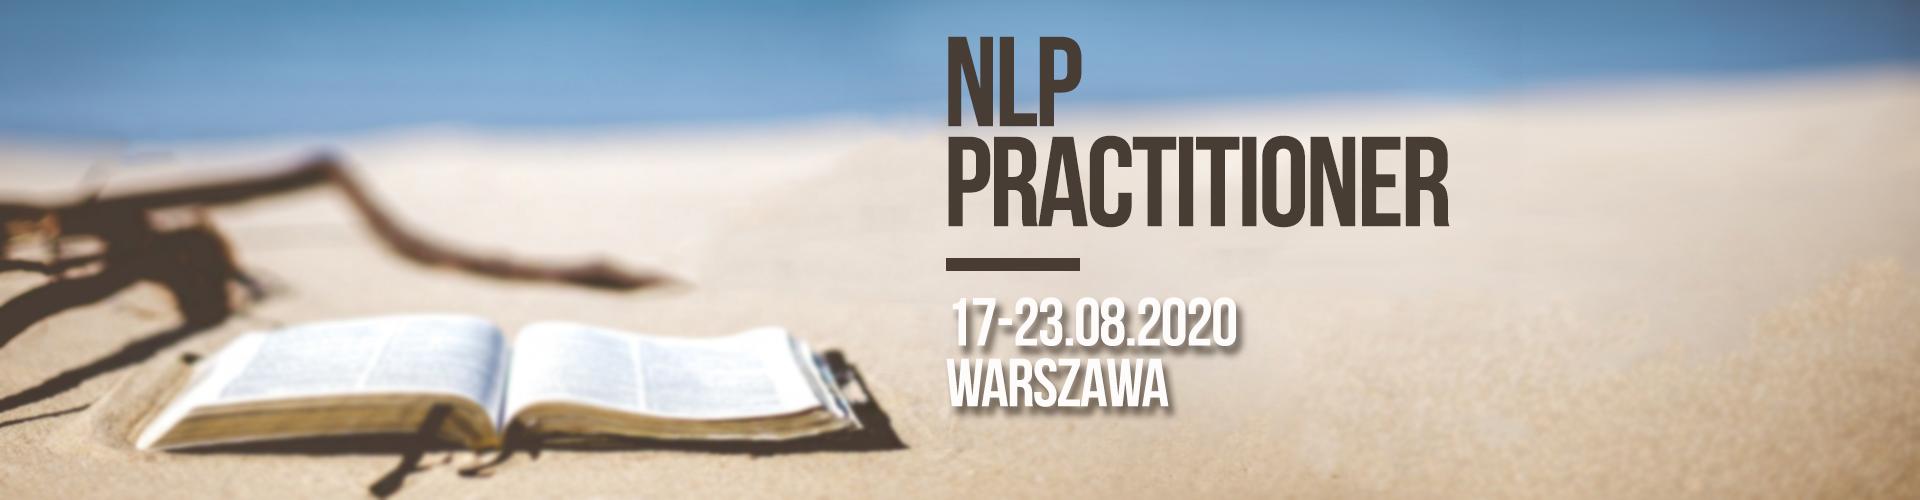 nlp-practitioner-sopot